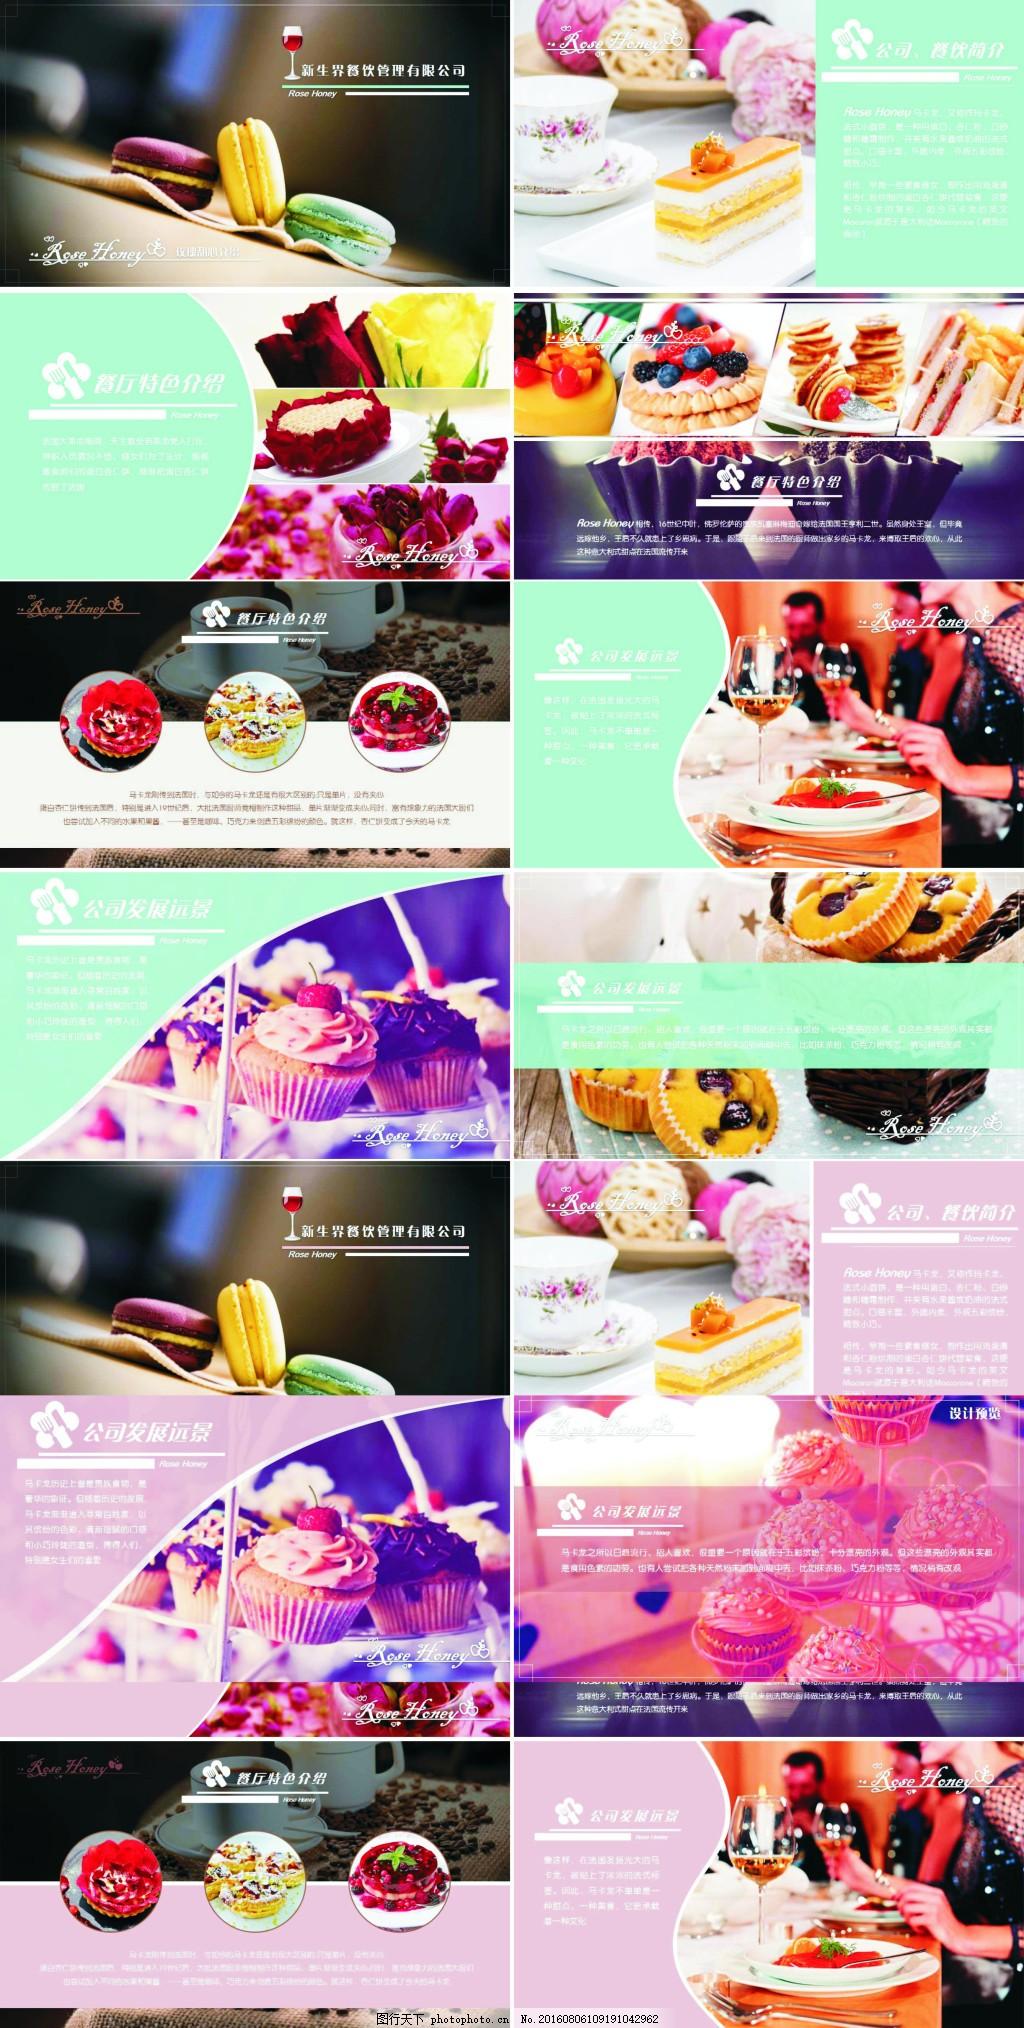 餐饮管理公司介绍及特色宣传ppt模板,ppt素材,PPT模板